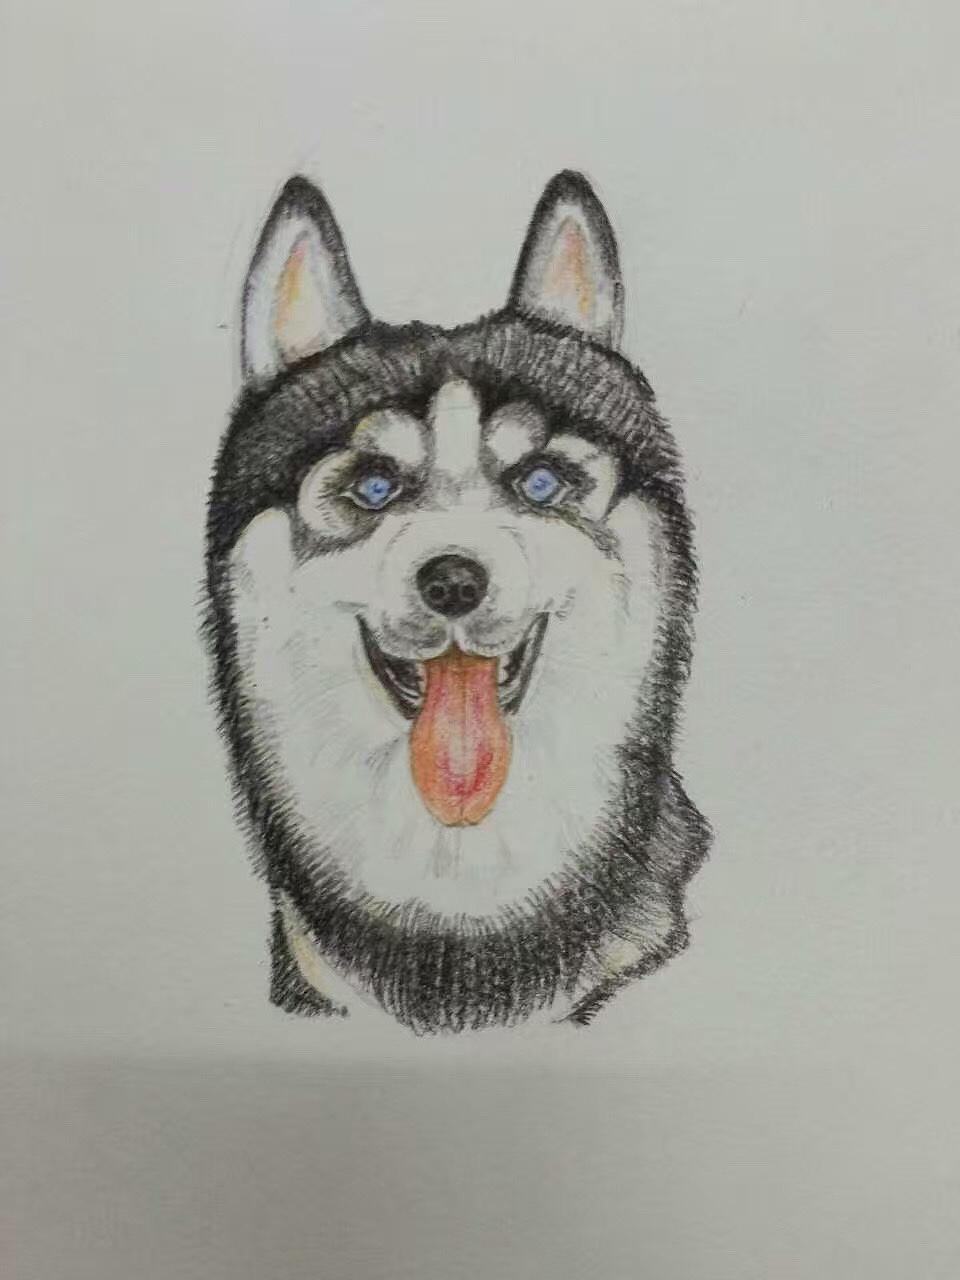 手绘作品|插画|插画习作|柴柴不灵 - 原创作品 - 站酷